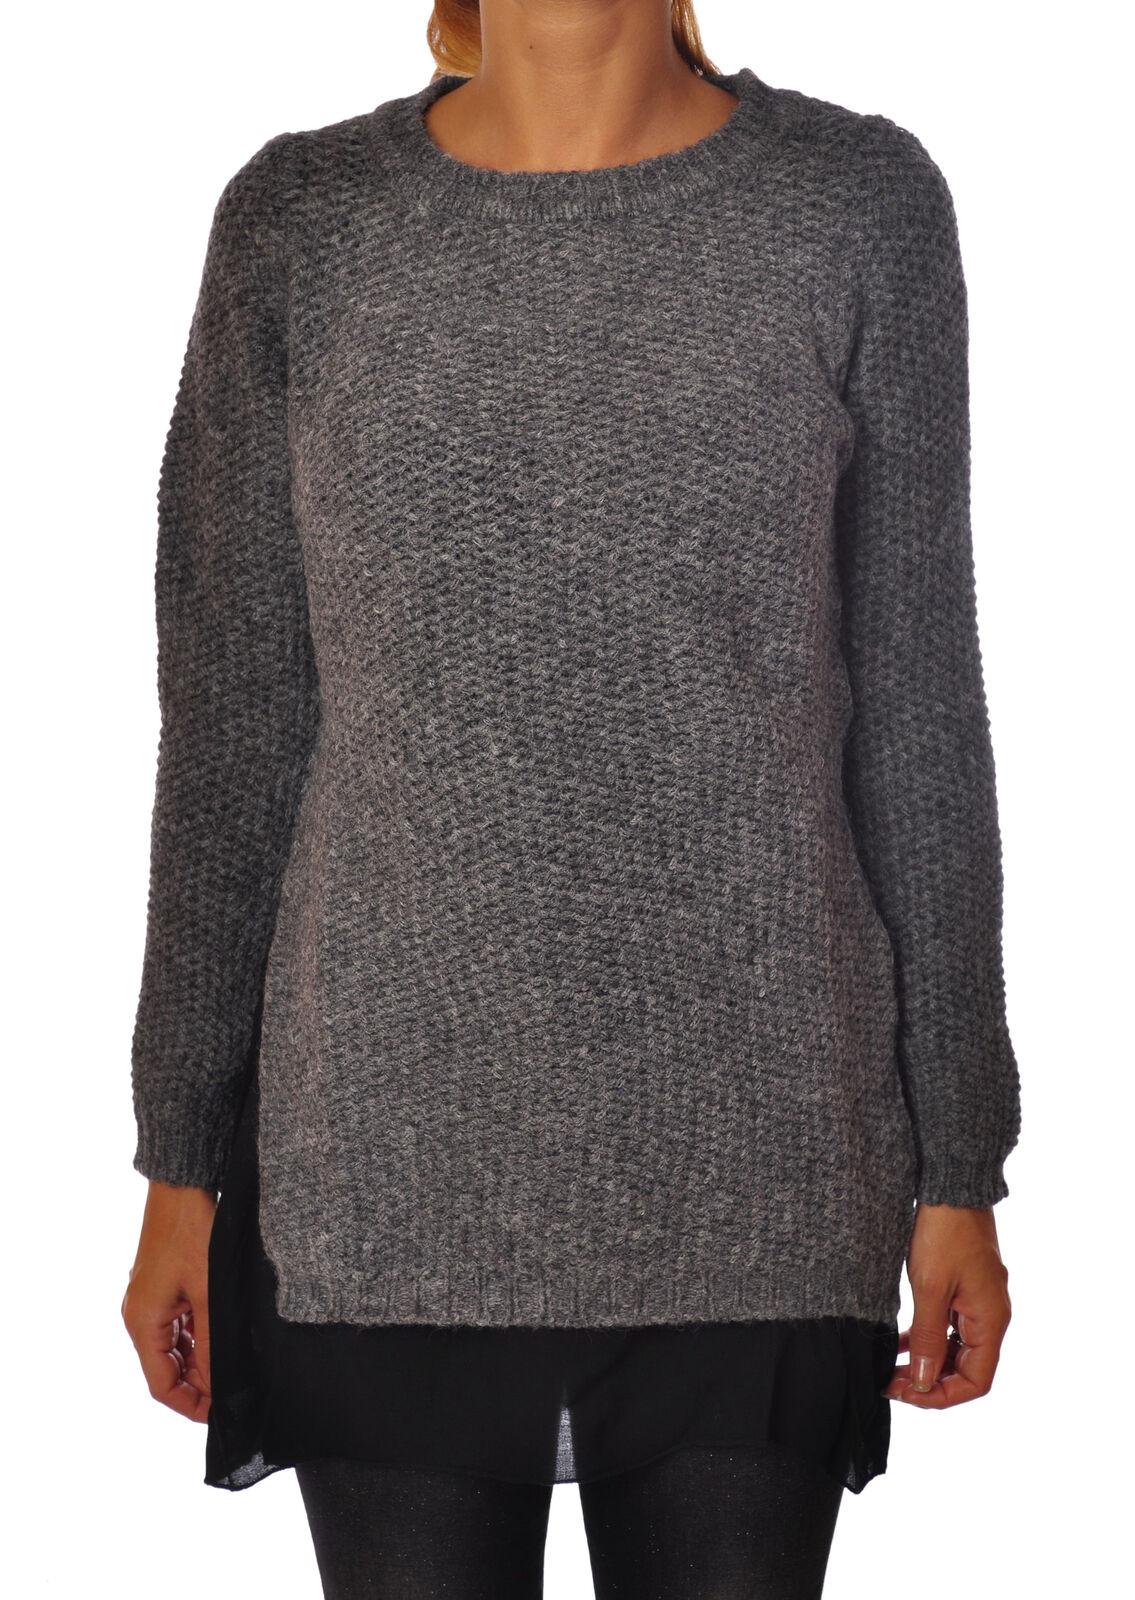 Rosa Memories  -  Sweaters - Female - grau - 2679129N173528